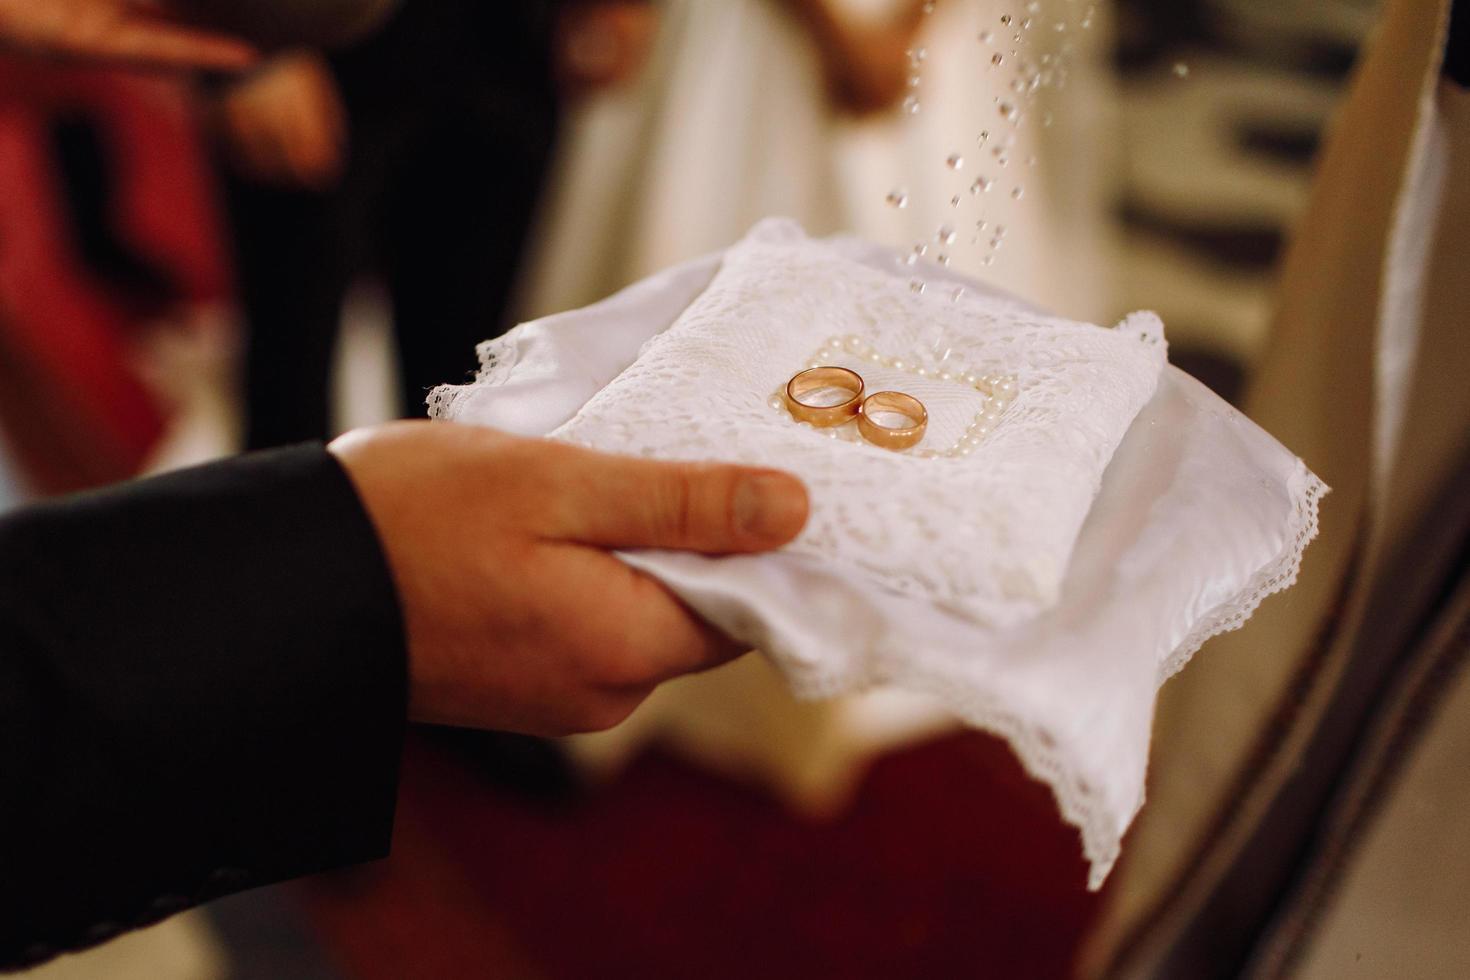 Le marié tient des anneaux de mariage en or pendant que le prêtre les bénit photo